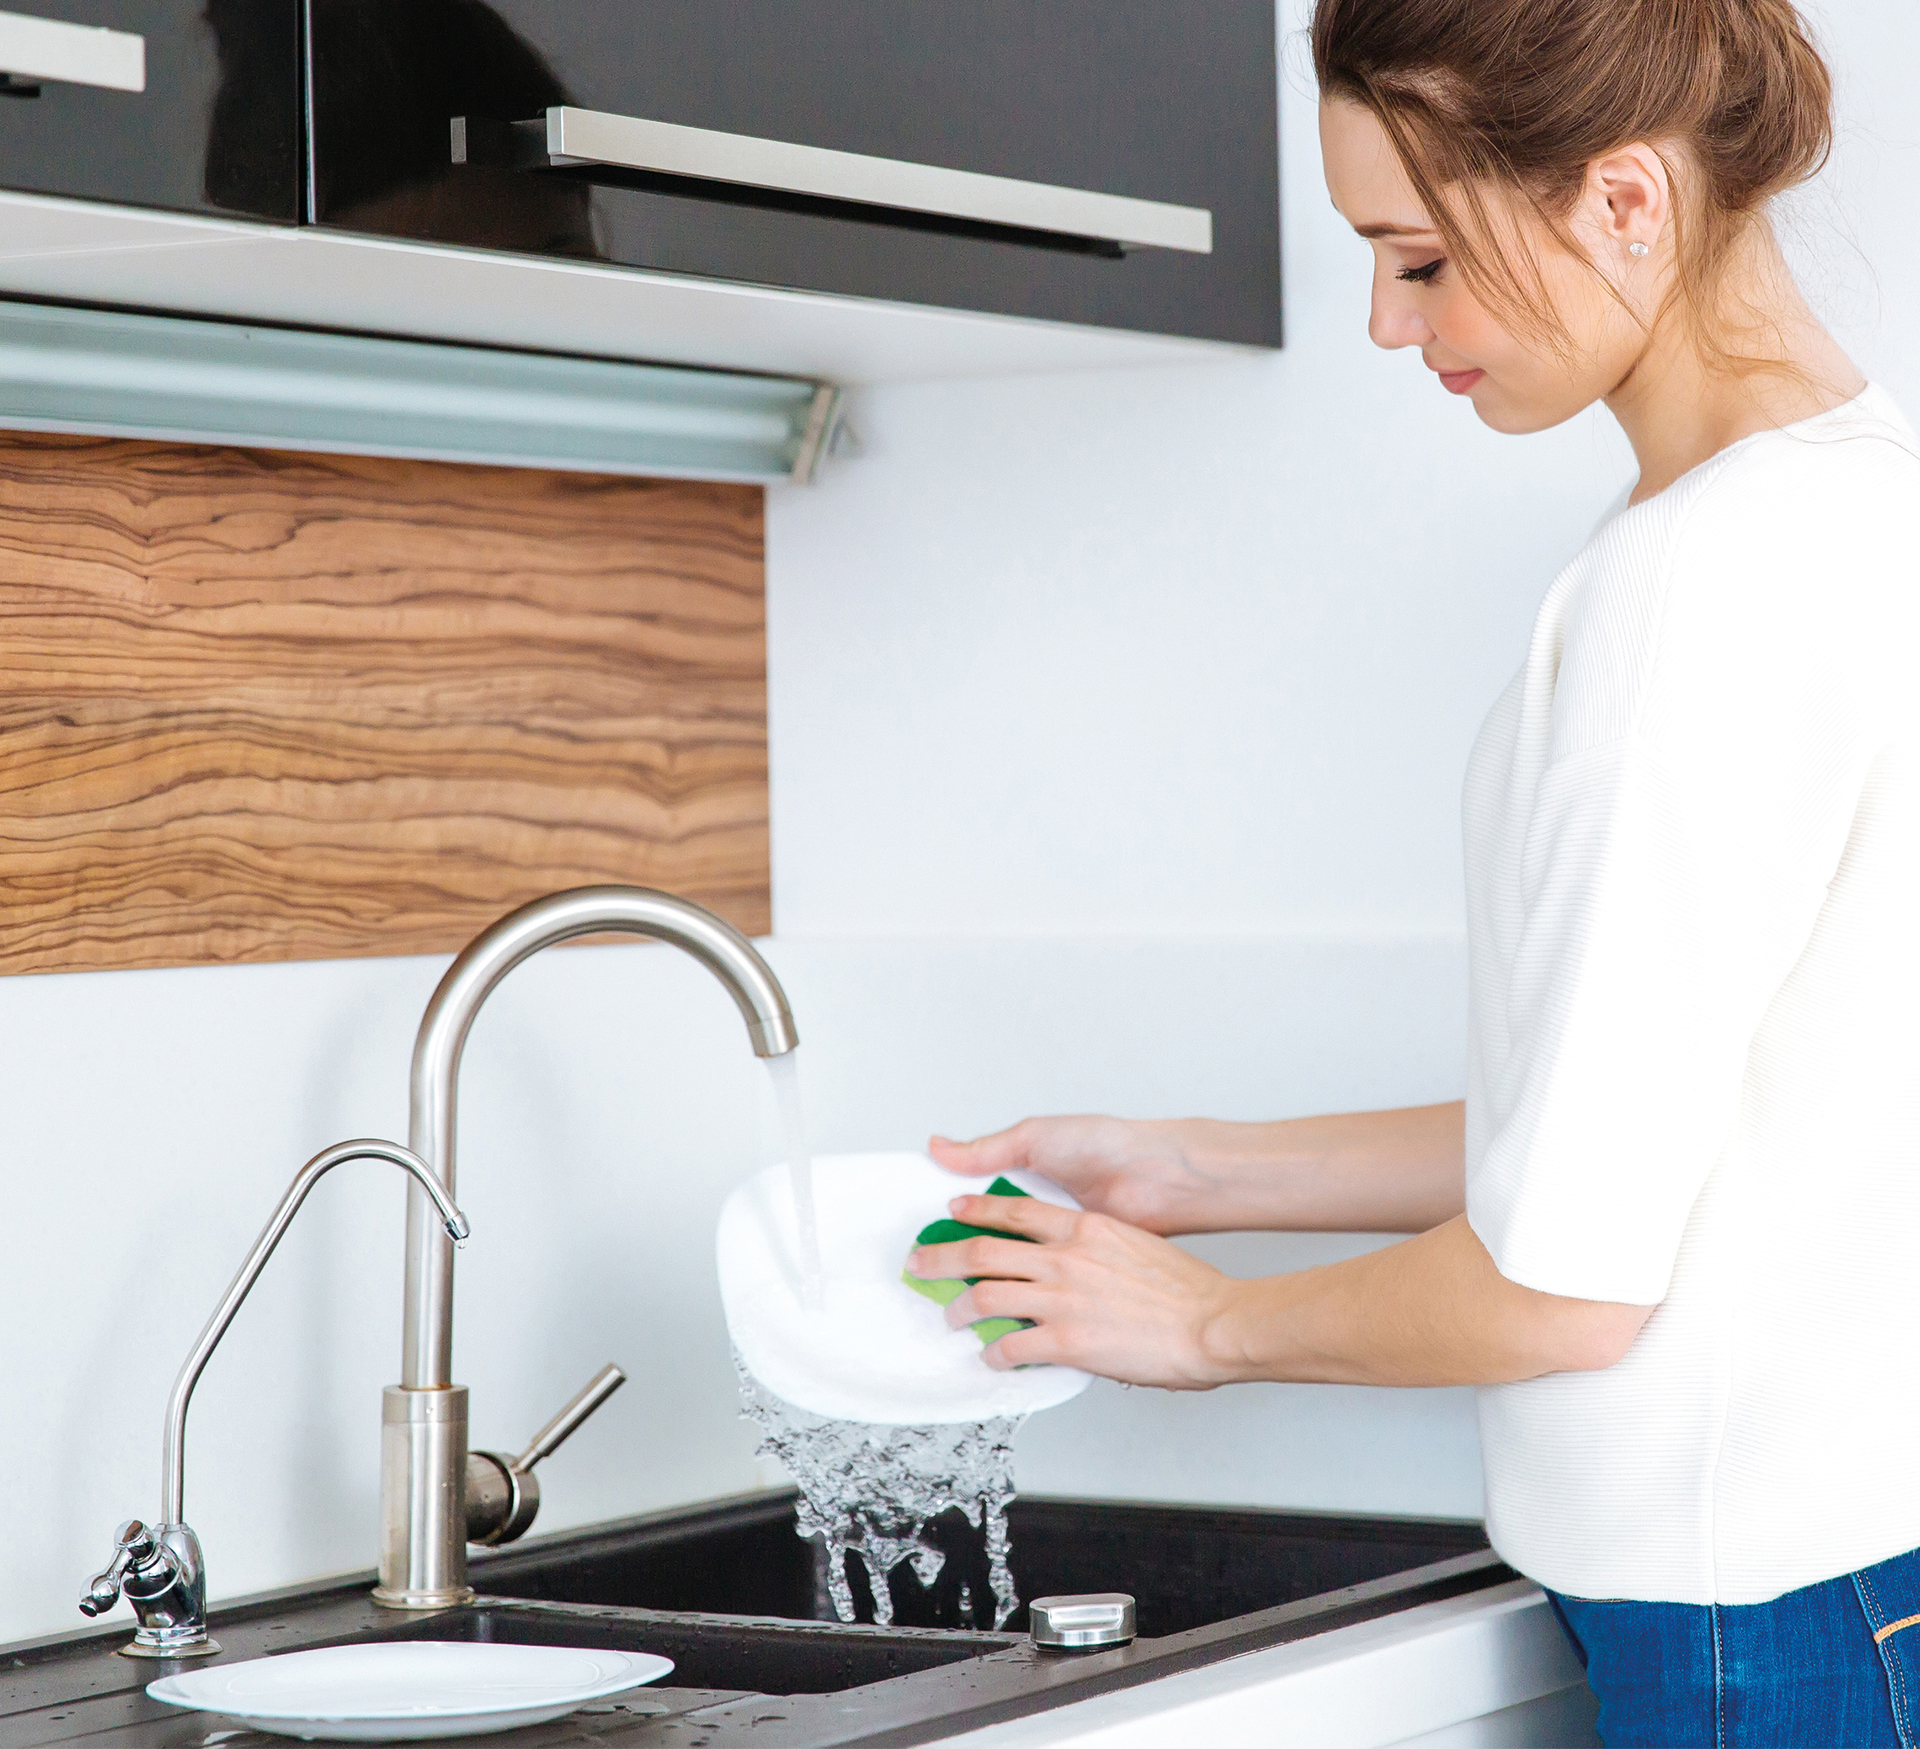 10 ks houbičky HARD na mytí nádobí, tvrdý povrch